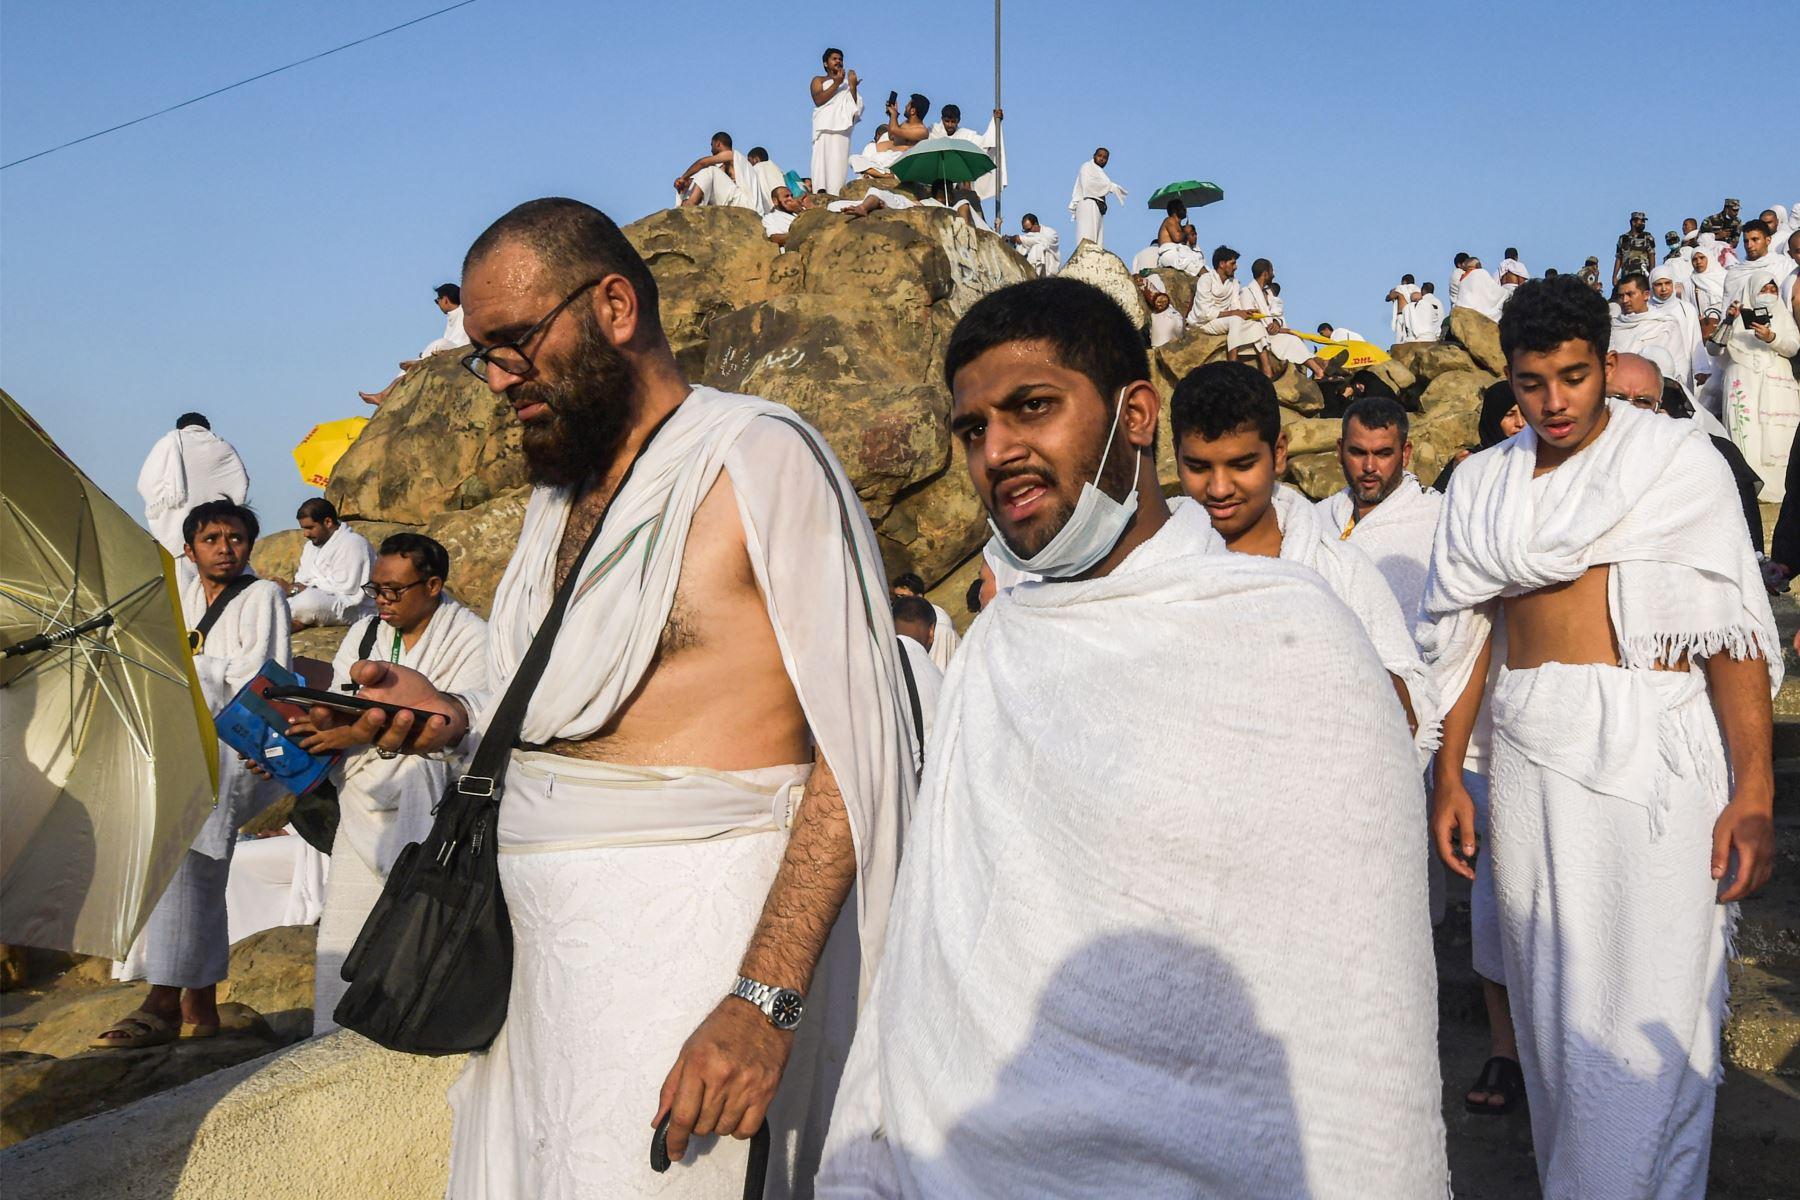 Peregrinos musulmanes usan sus teléfonos inteligentes en la cima del Monte Arafat, también conocido como Jabal al-Rahma (Monte de la Misericordia). Foto: AFP